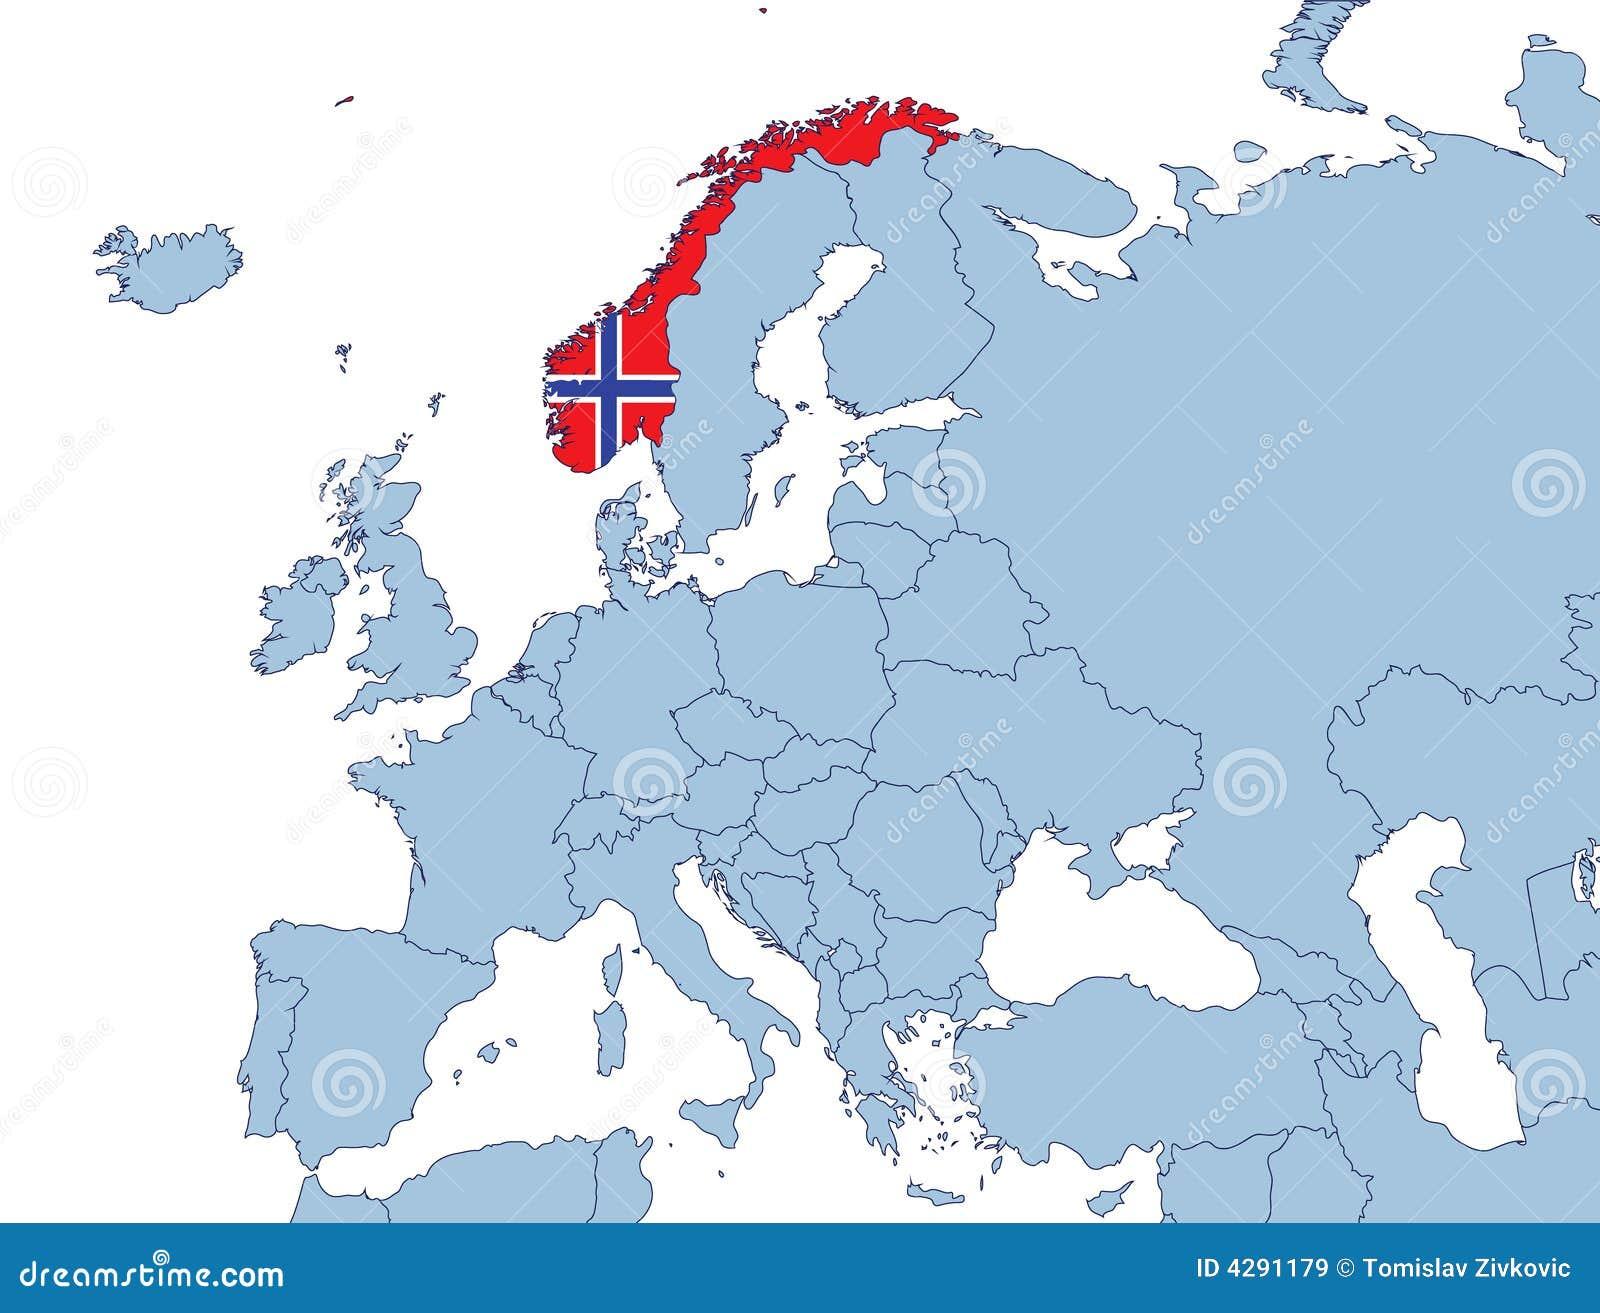 Картинки по запросу карта Европы,Норвегия